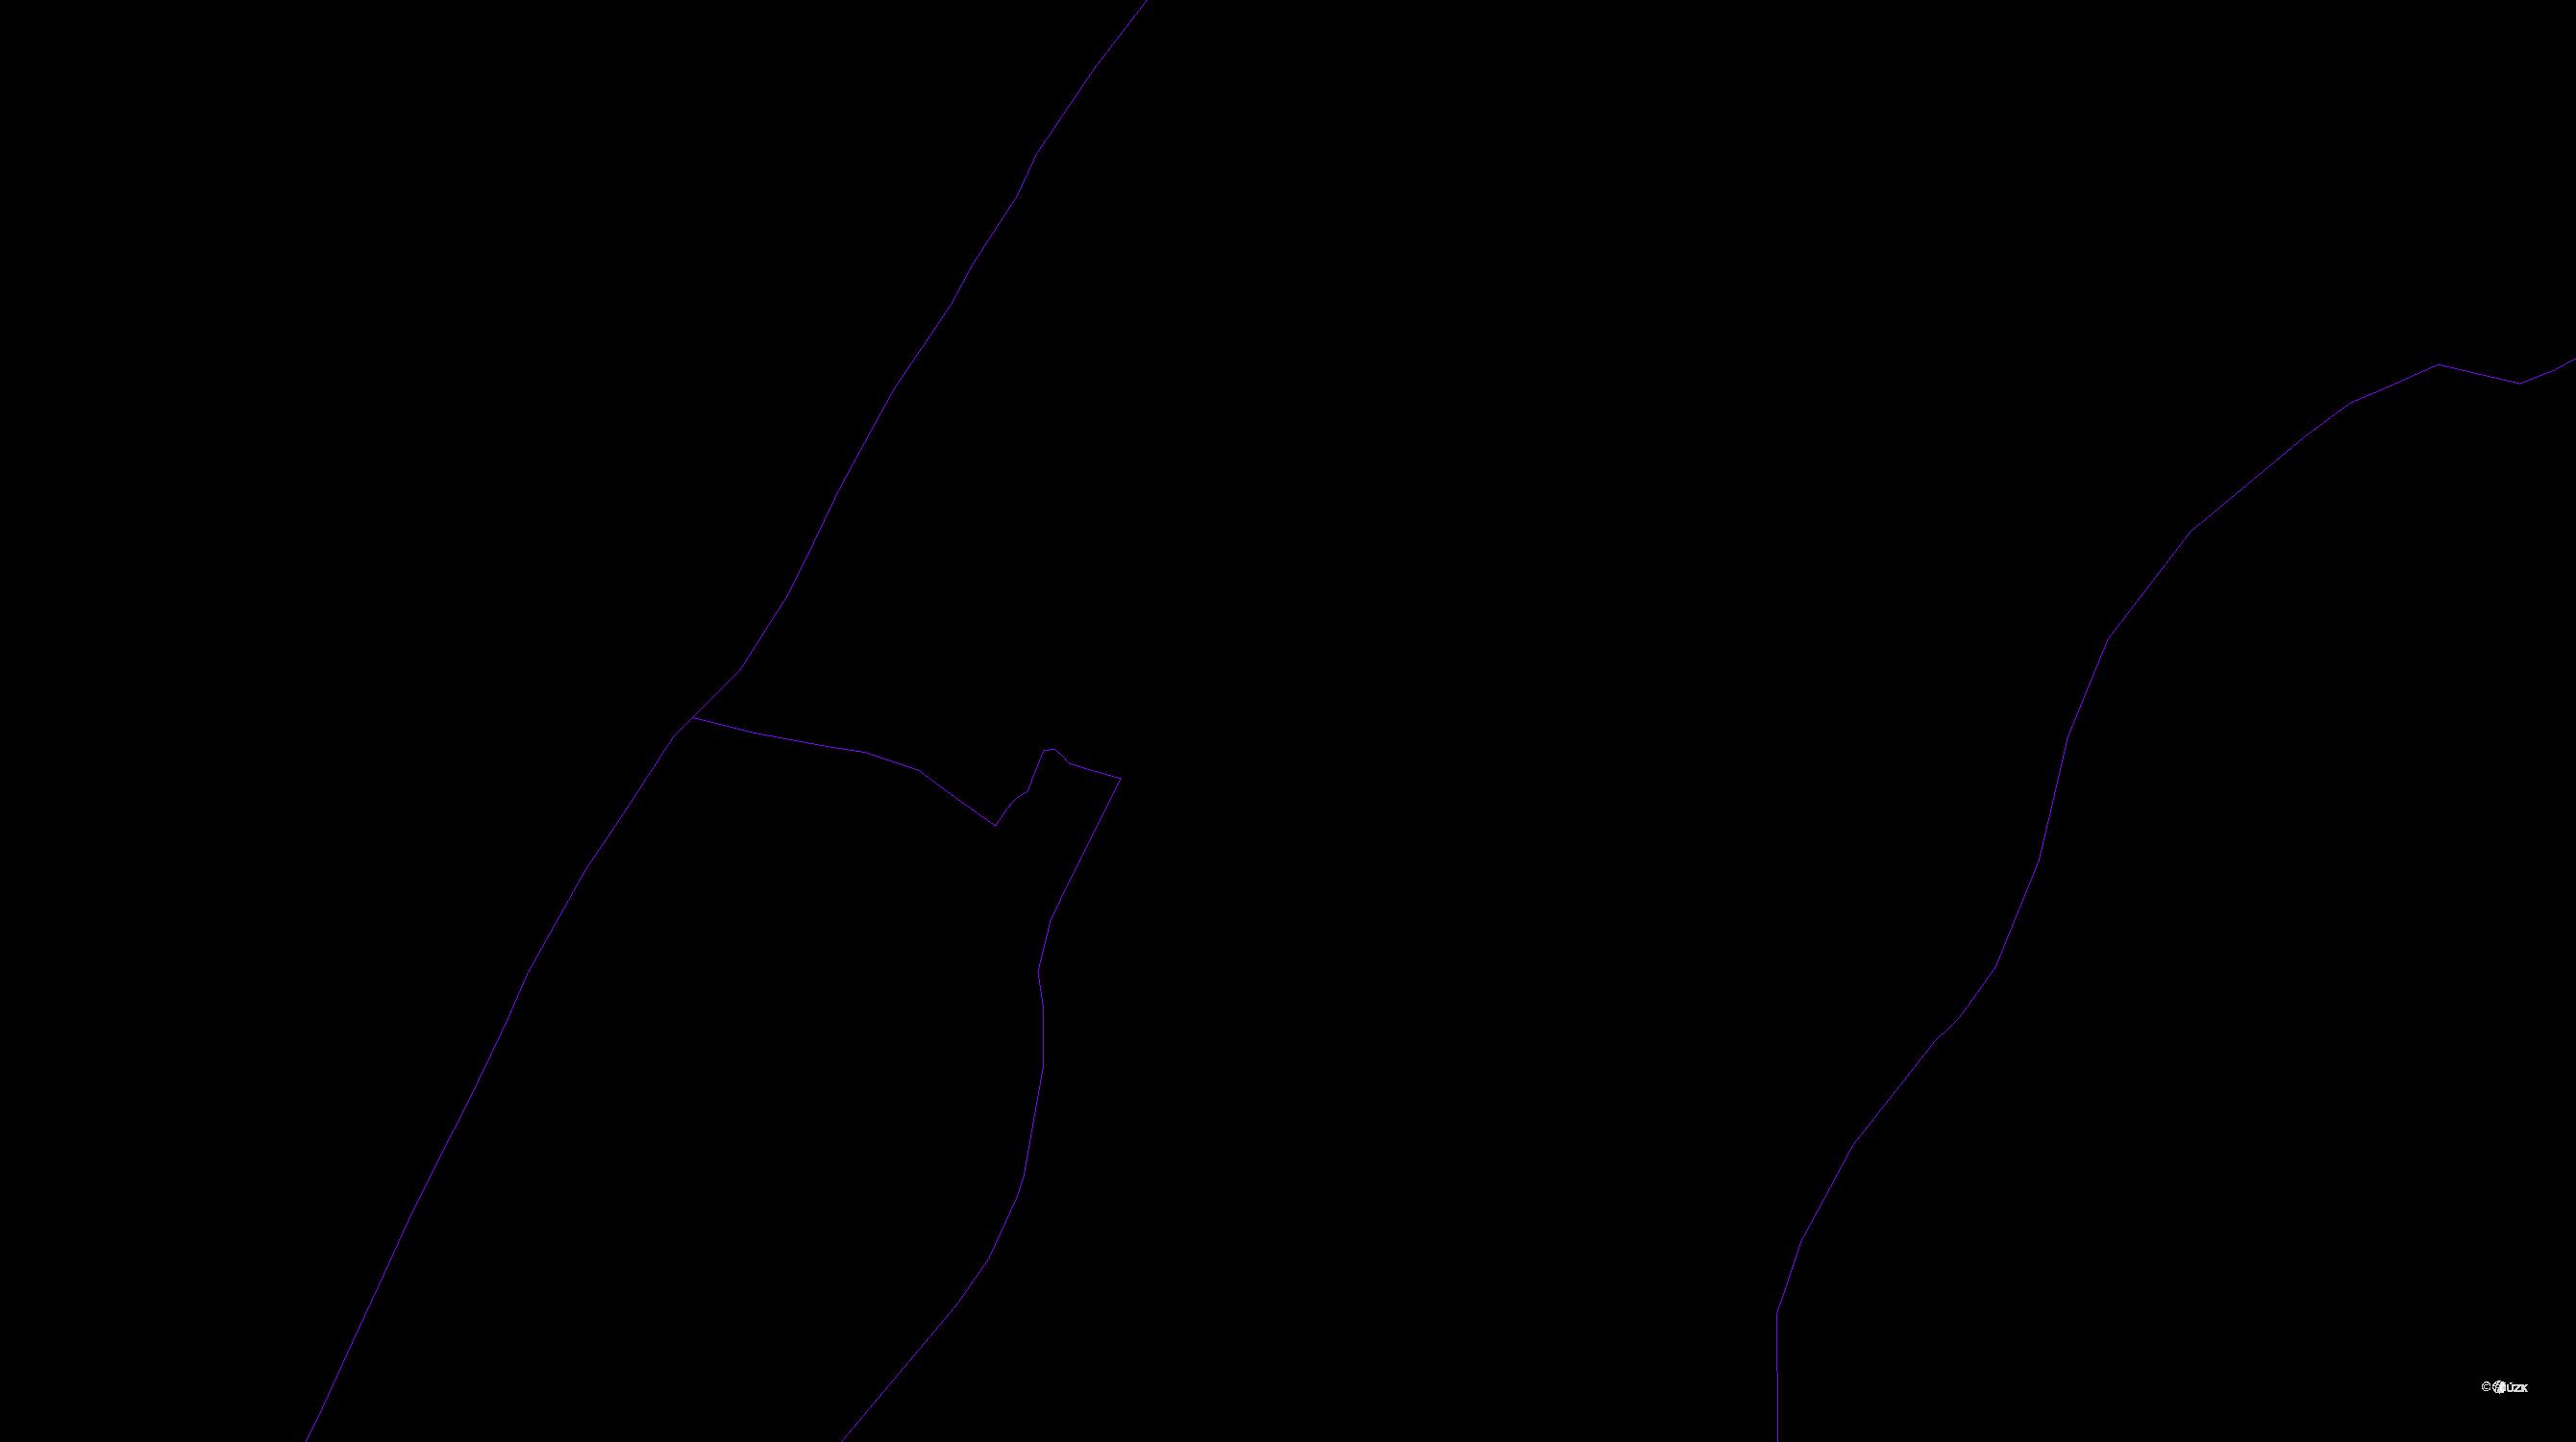 Katastrální mapa pozemků a čísla parcel Nová Chřibská